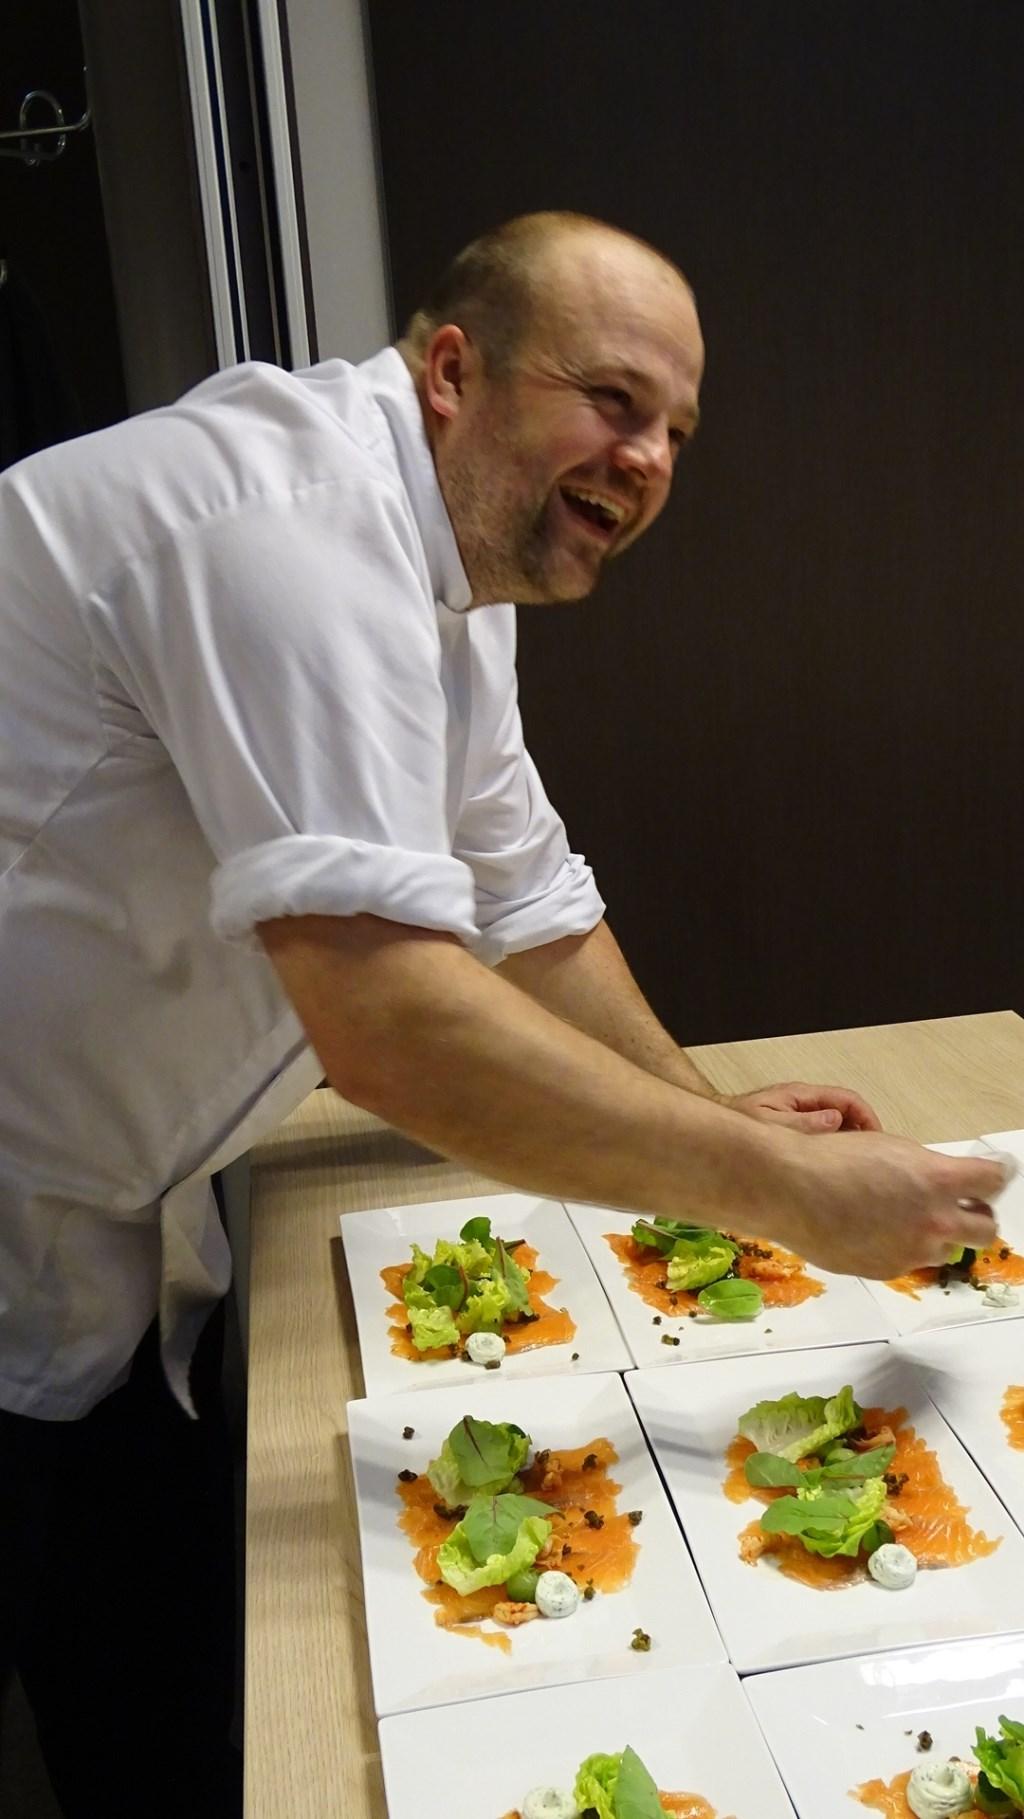 Christian van de Veerdonk bereidt voor 100 personen het diner op de vrijdag Foto: Isabelle Meijer © Persgroep